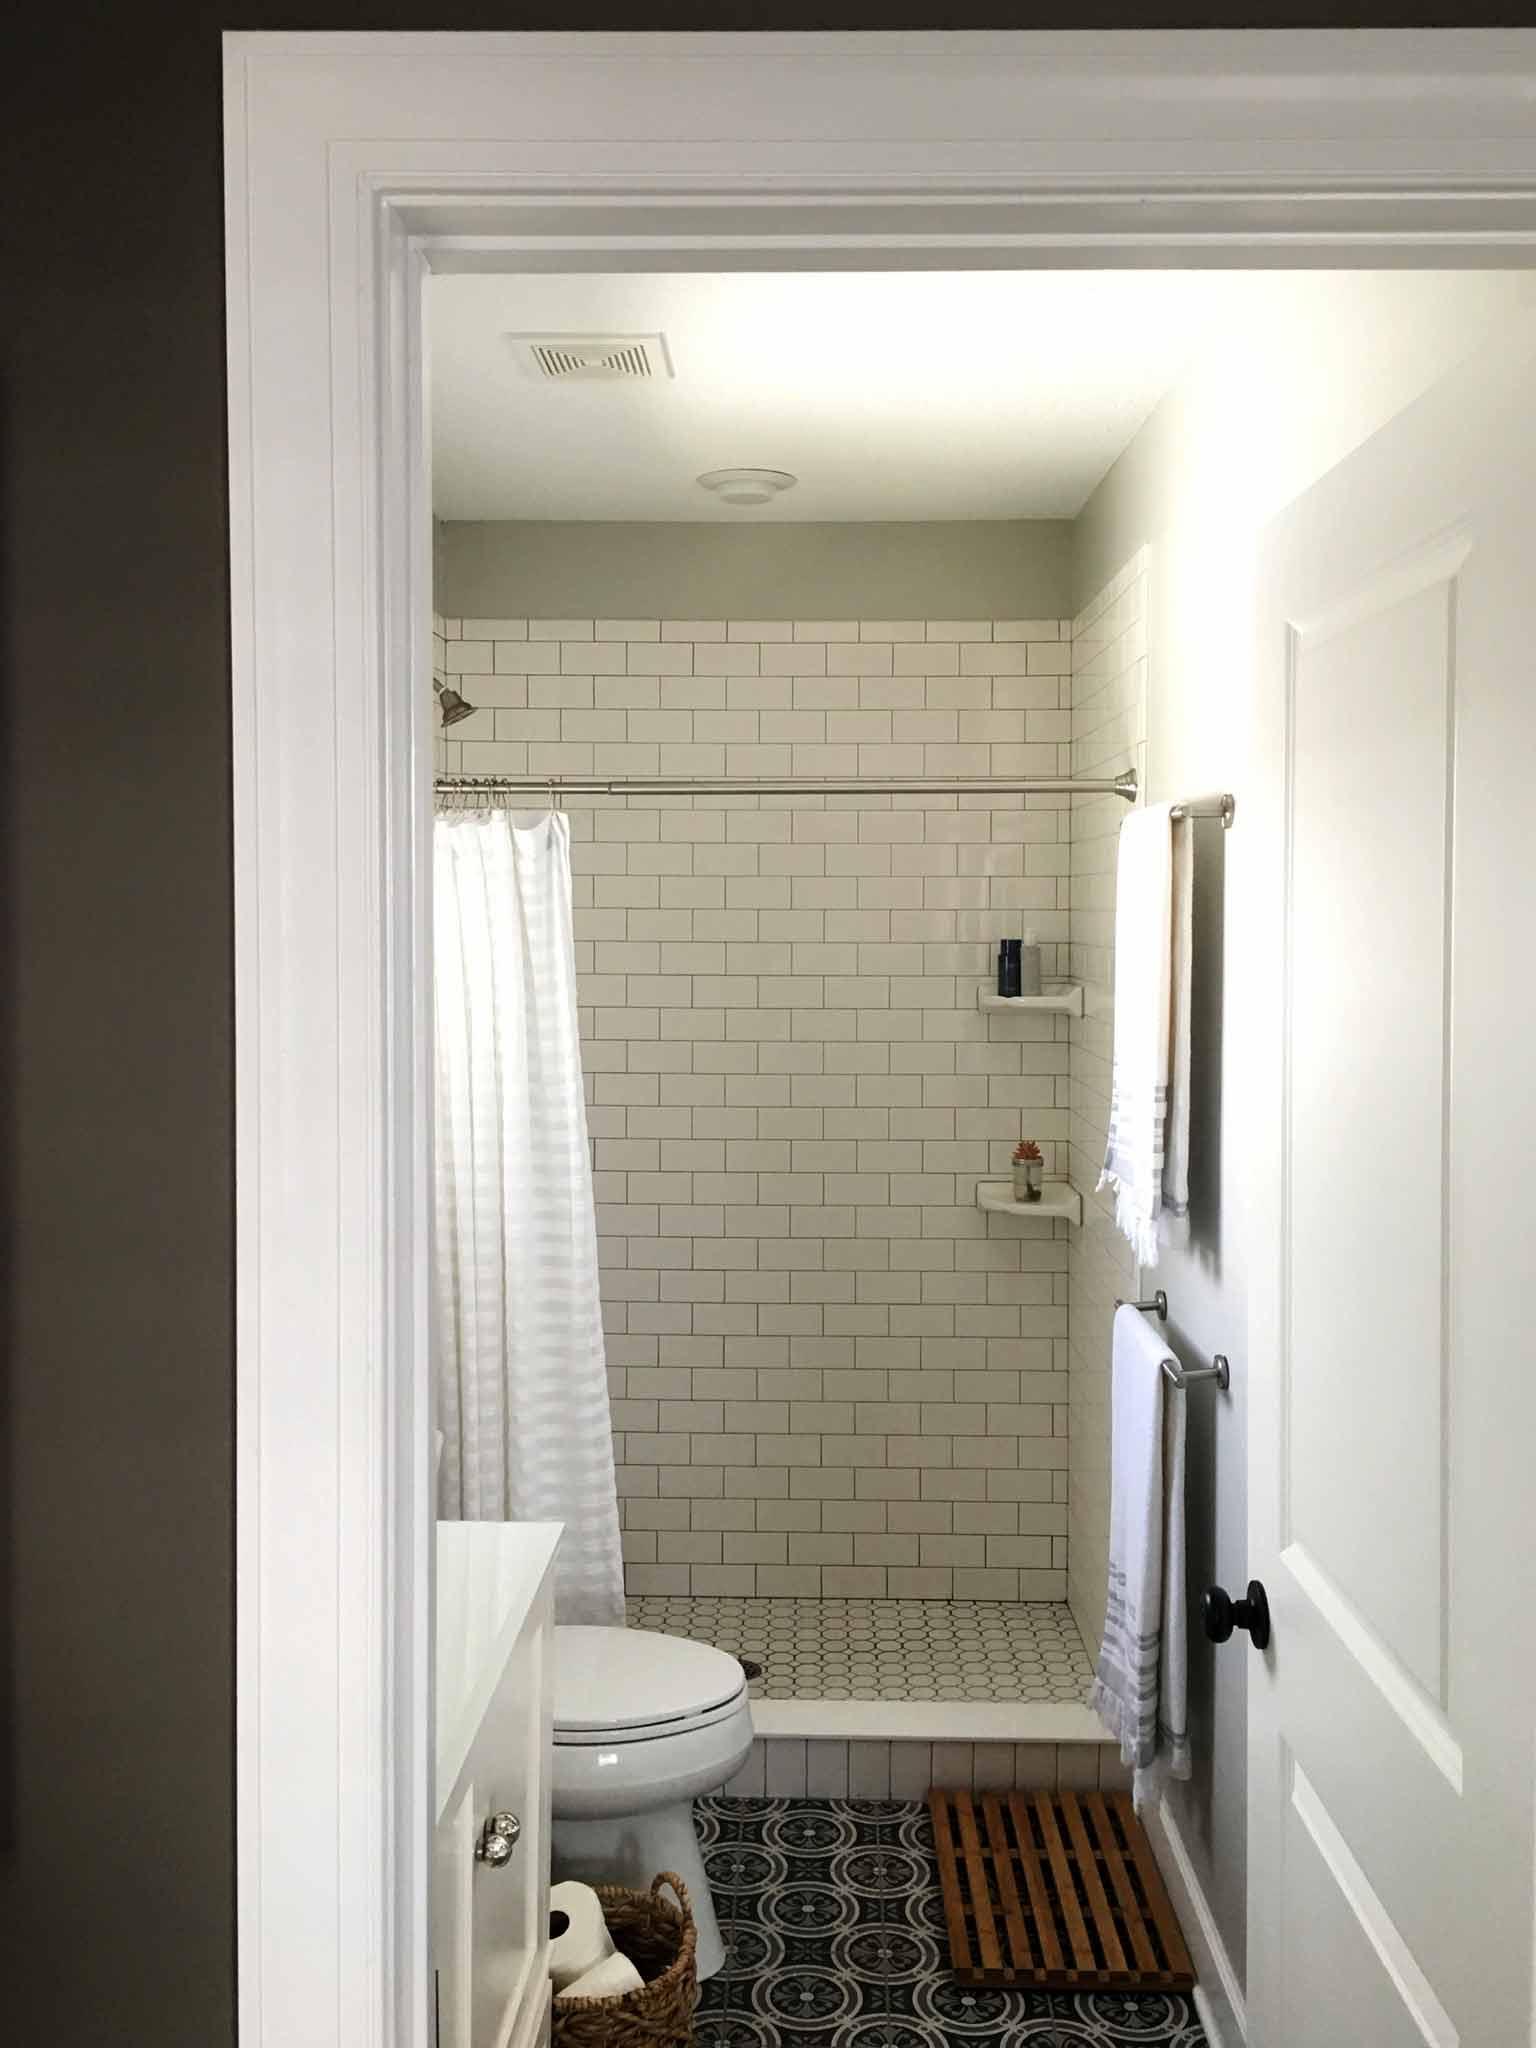 Bathroom Renovation Materials stepstep guide to choosing materials for a bathroom renovation